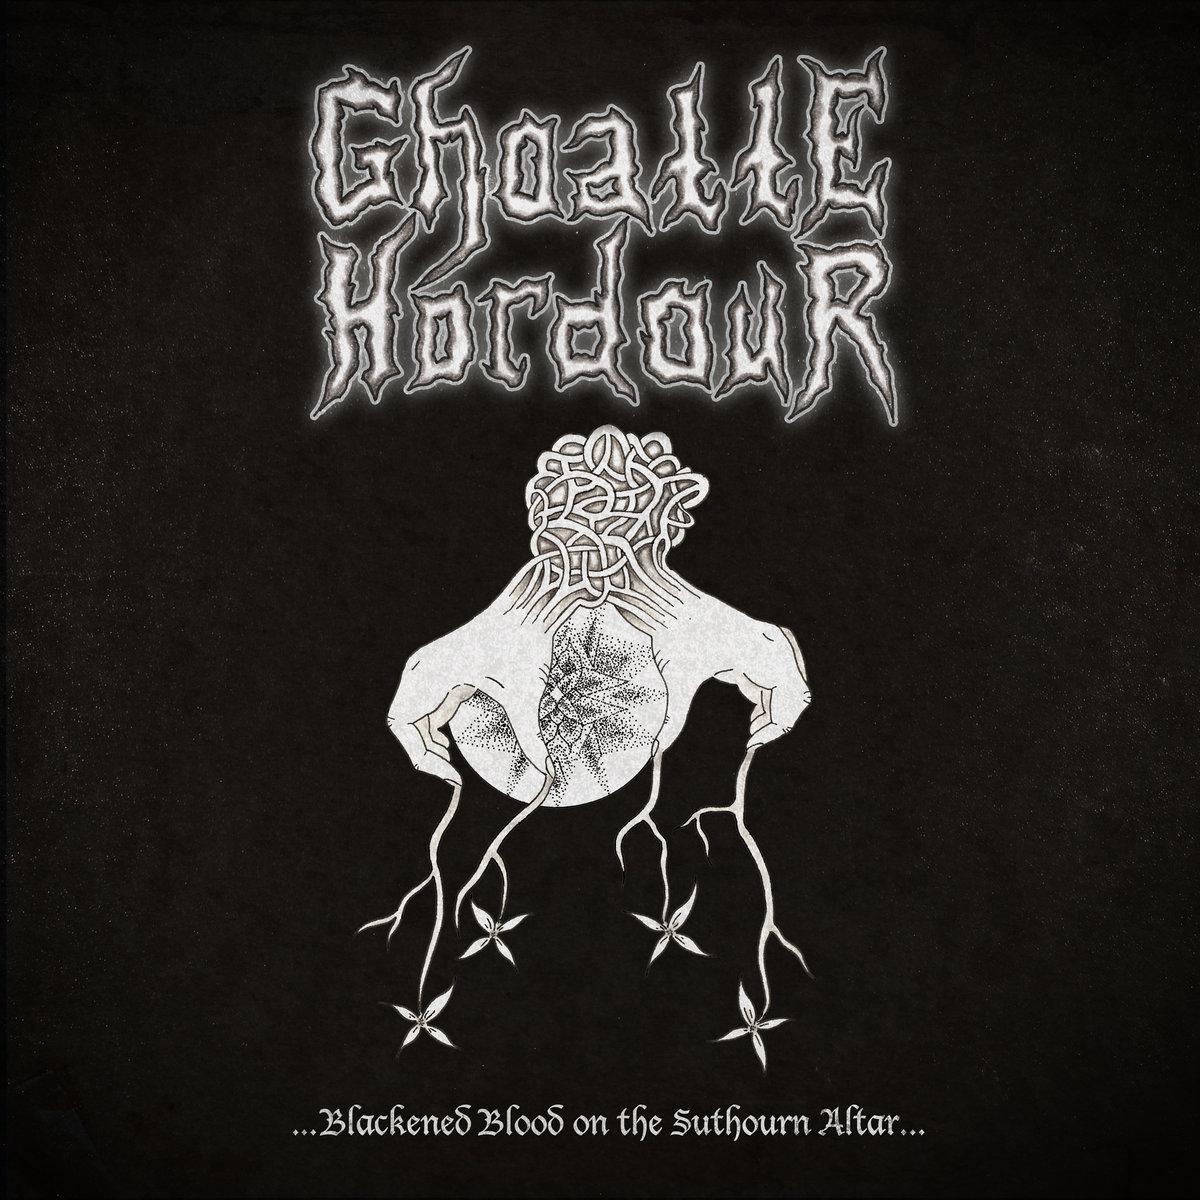 Ghoatte Hordour - Anti-establishment terror